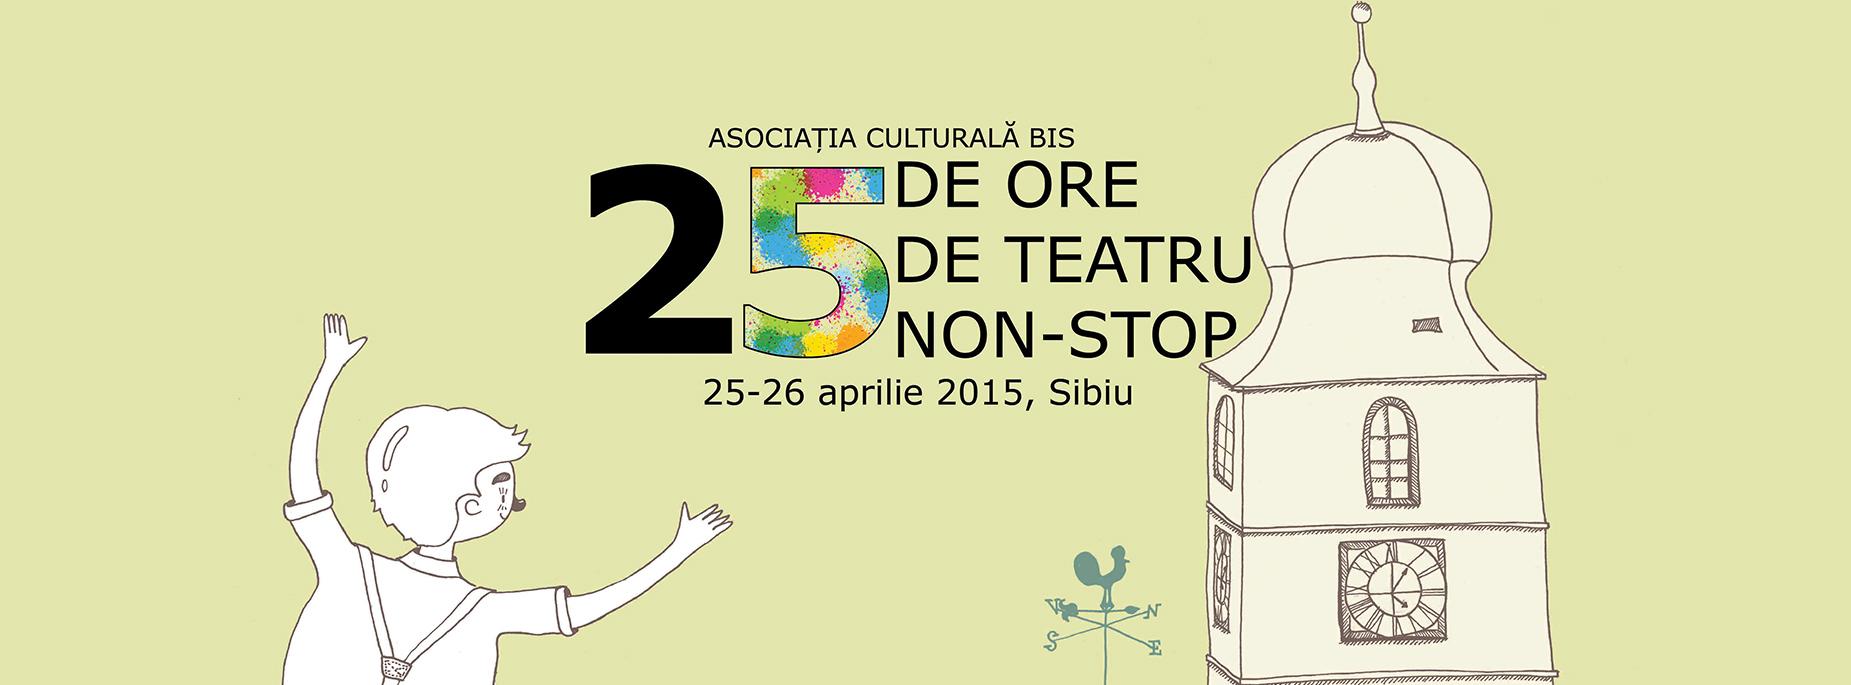 25 DE ORE DE TEATRU NON-STOP - Festival - ediția V